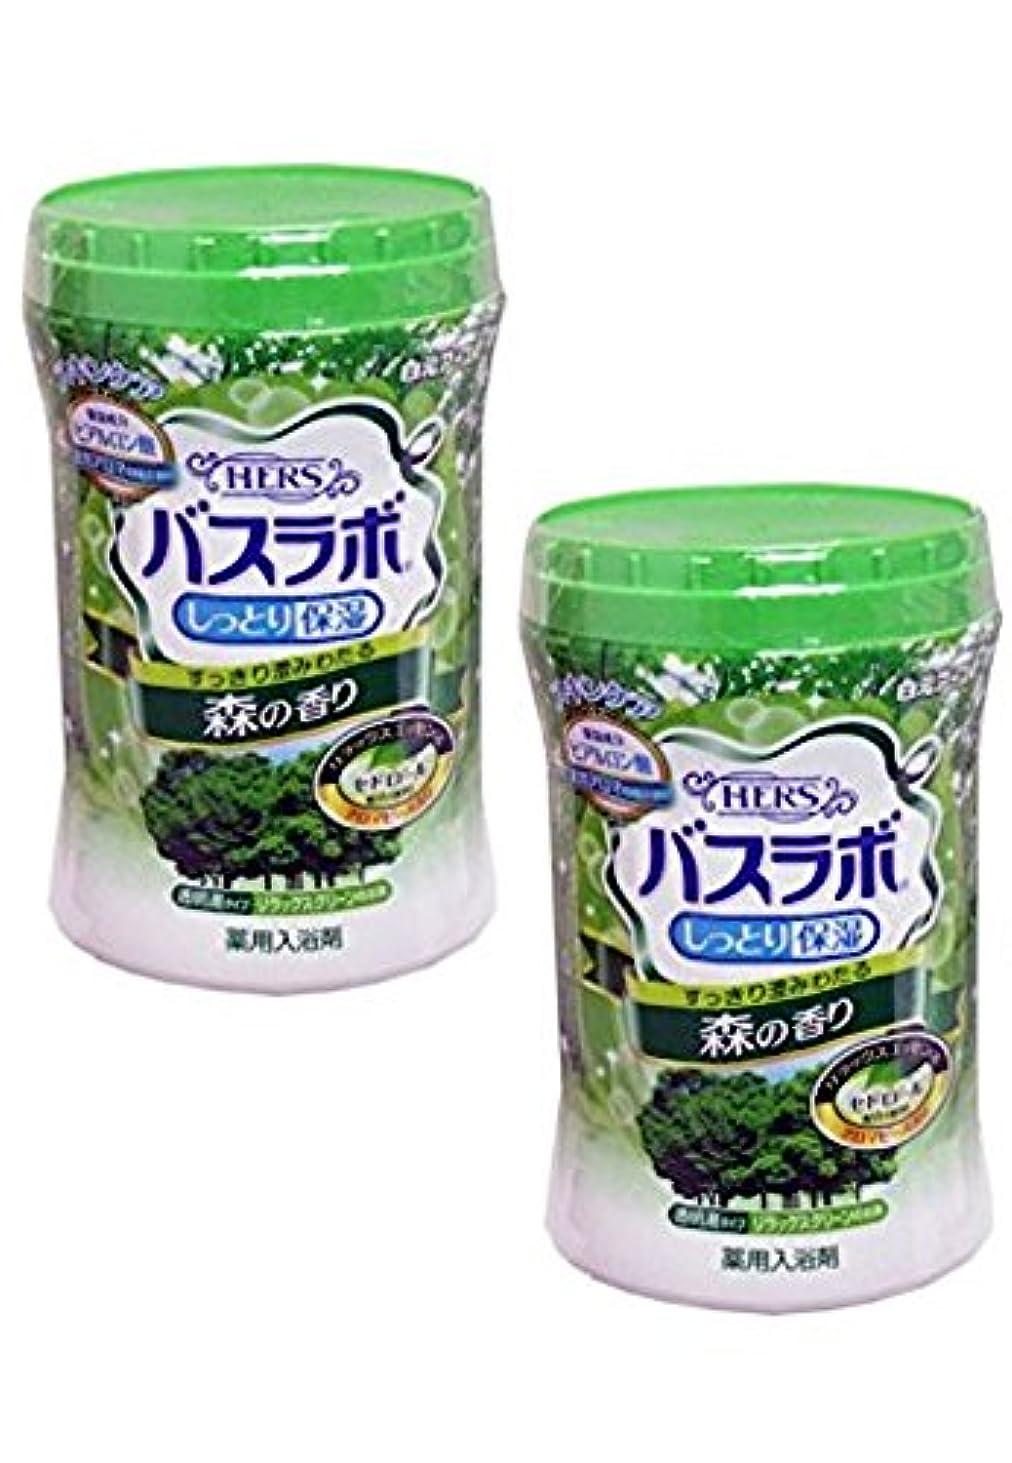 素敵なトランスペアレントいつもバスラボ しっとり保湿 薬用入浴剤 森の香り 680g 2個 [並行輸入品]